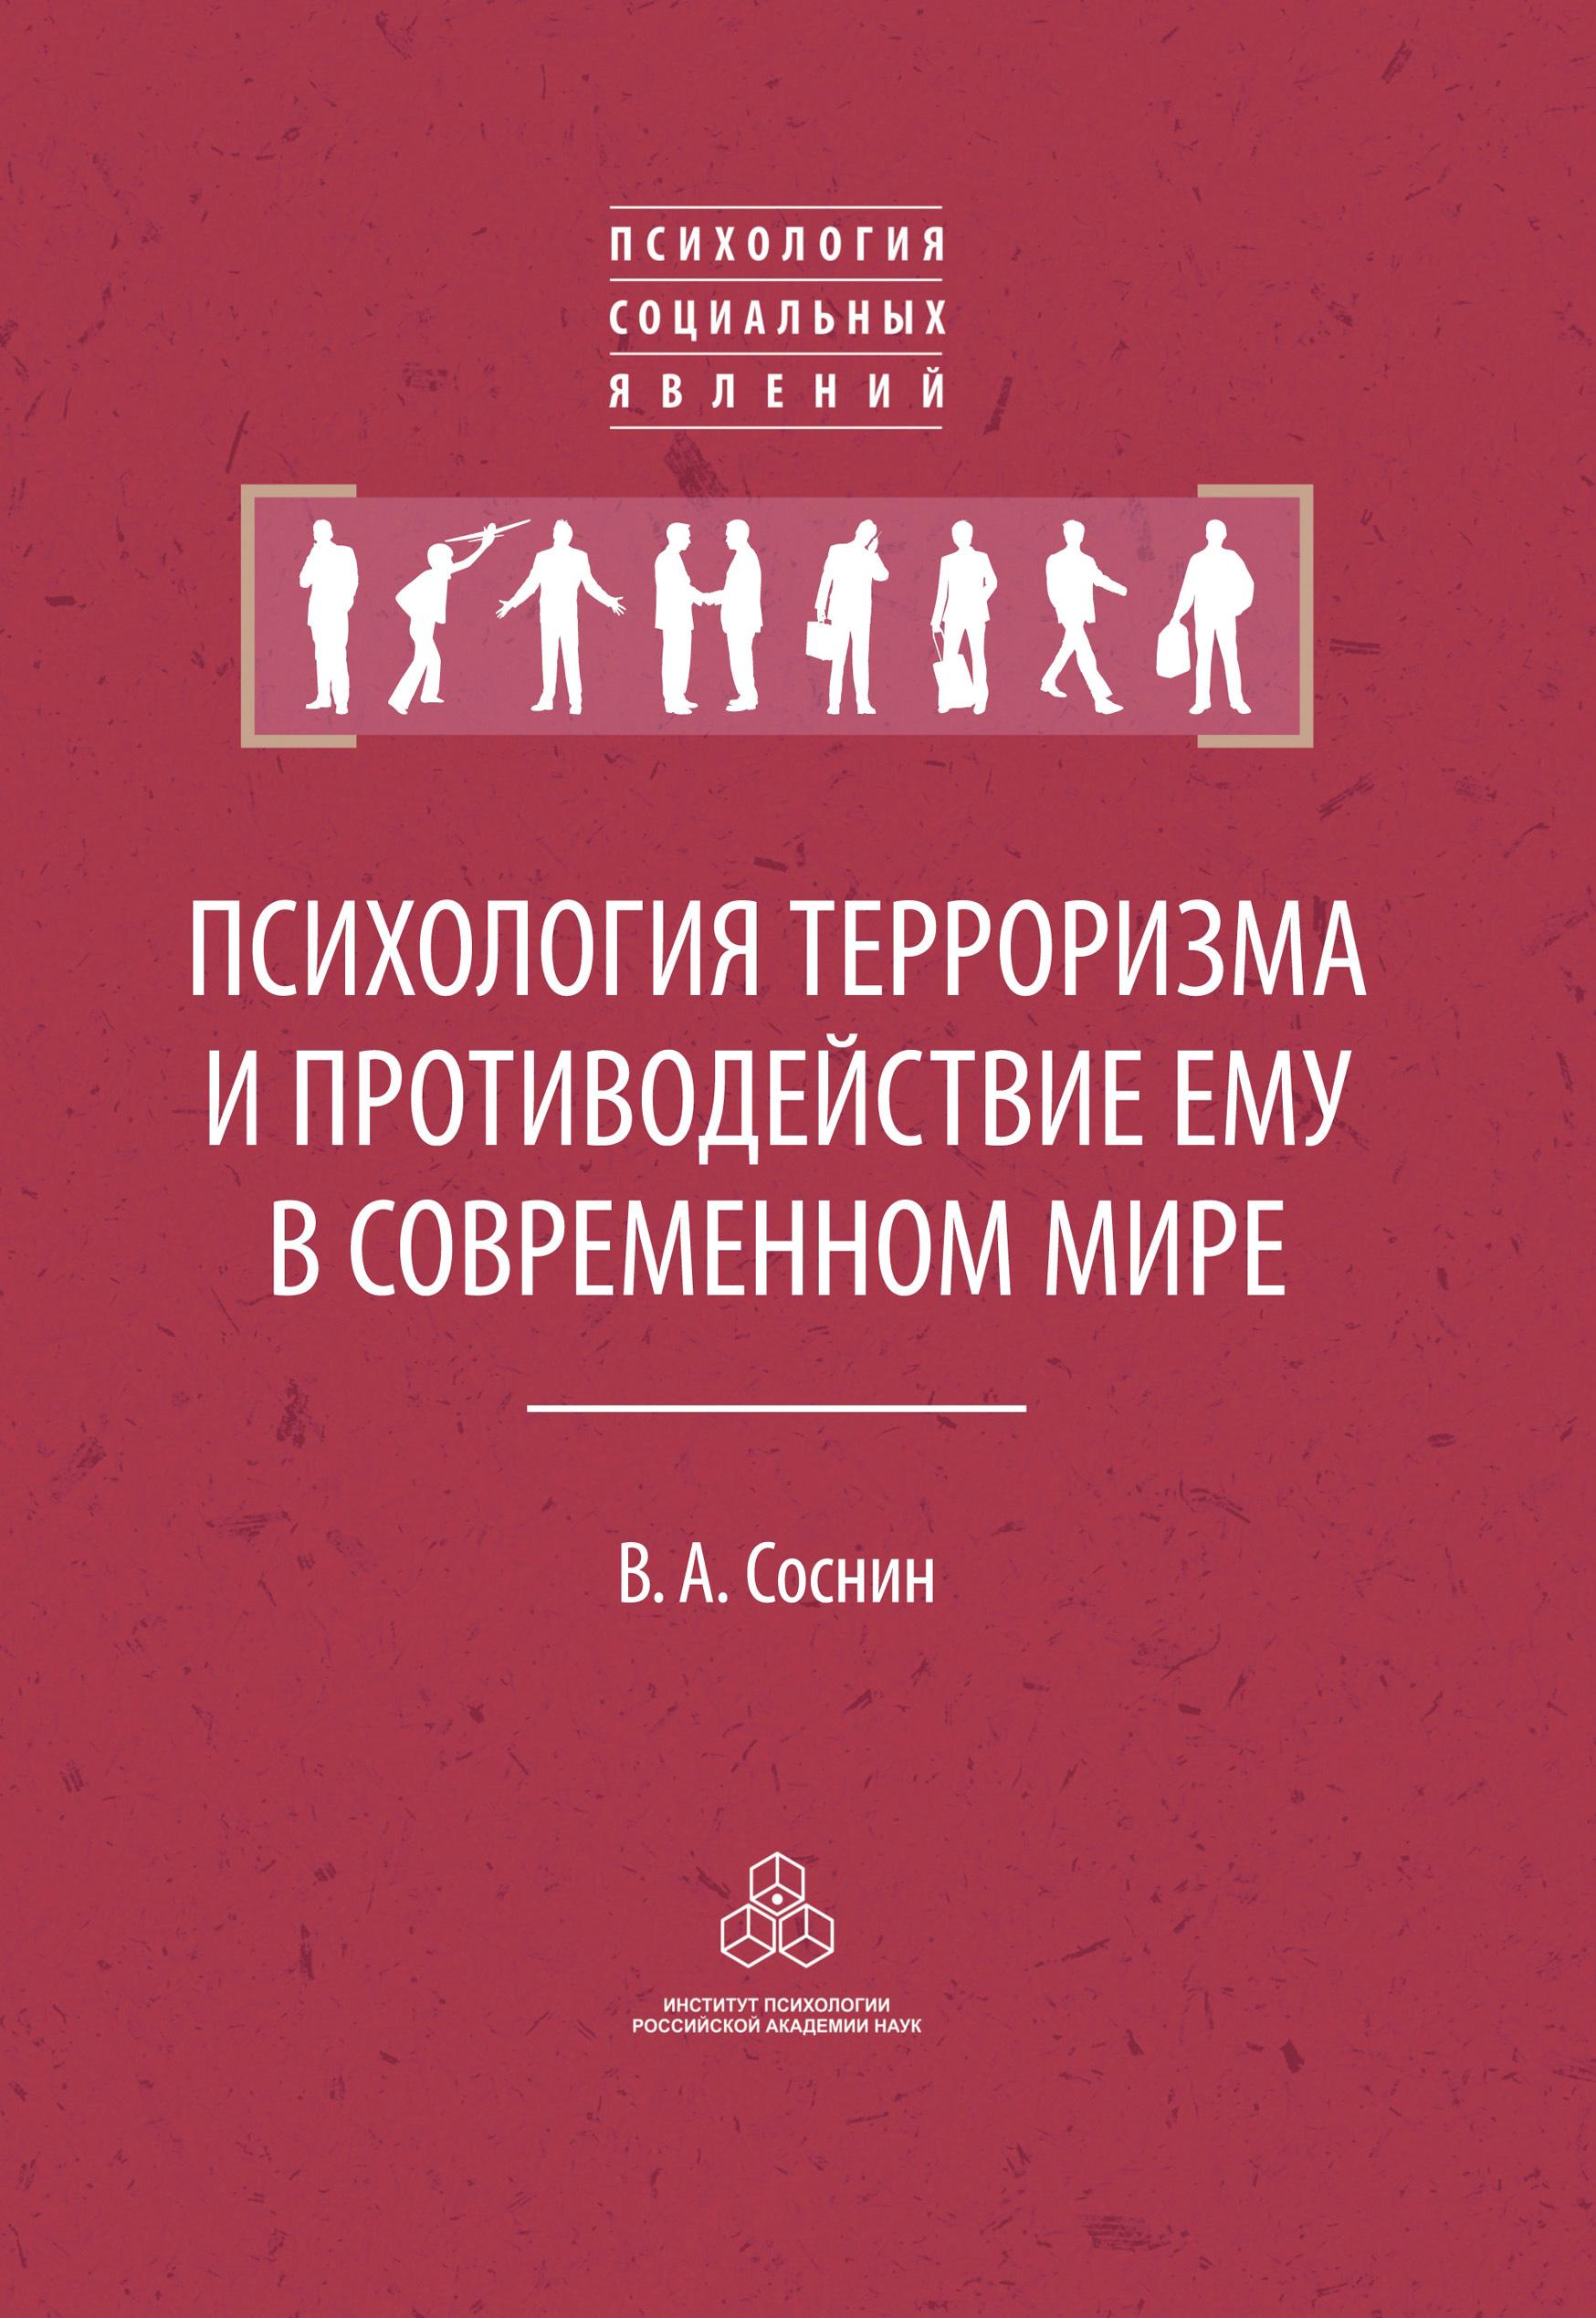 В. А. Соснин Психология терроризма и противодействие ему в современном мире стоимость